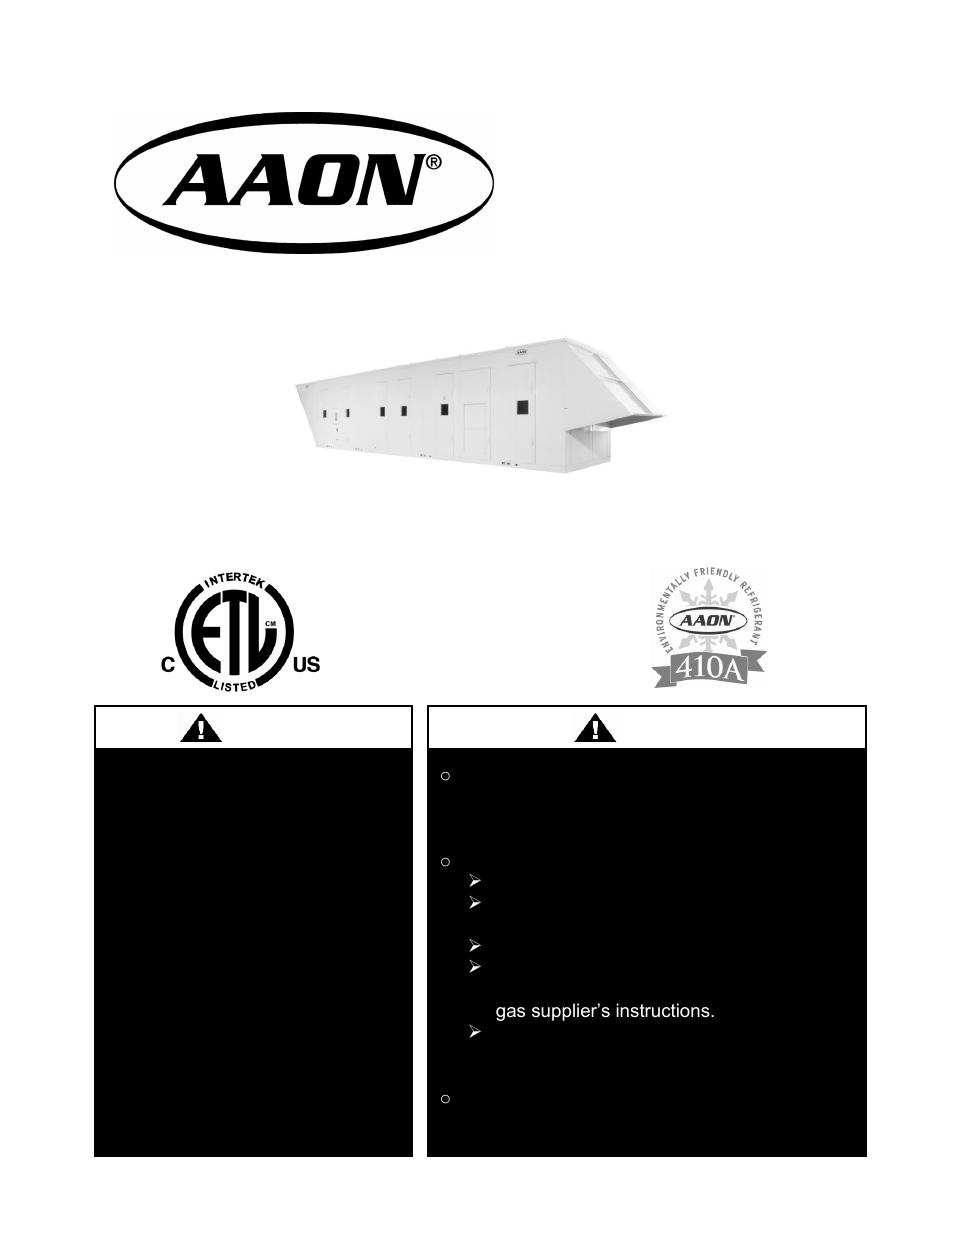 79 Toyota Celica Wiring Diagram Aaon Schematics